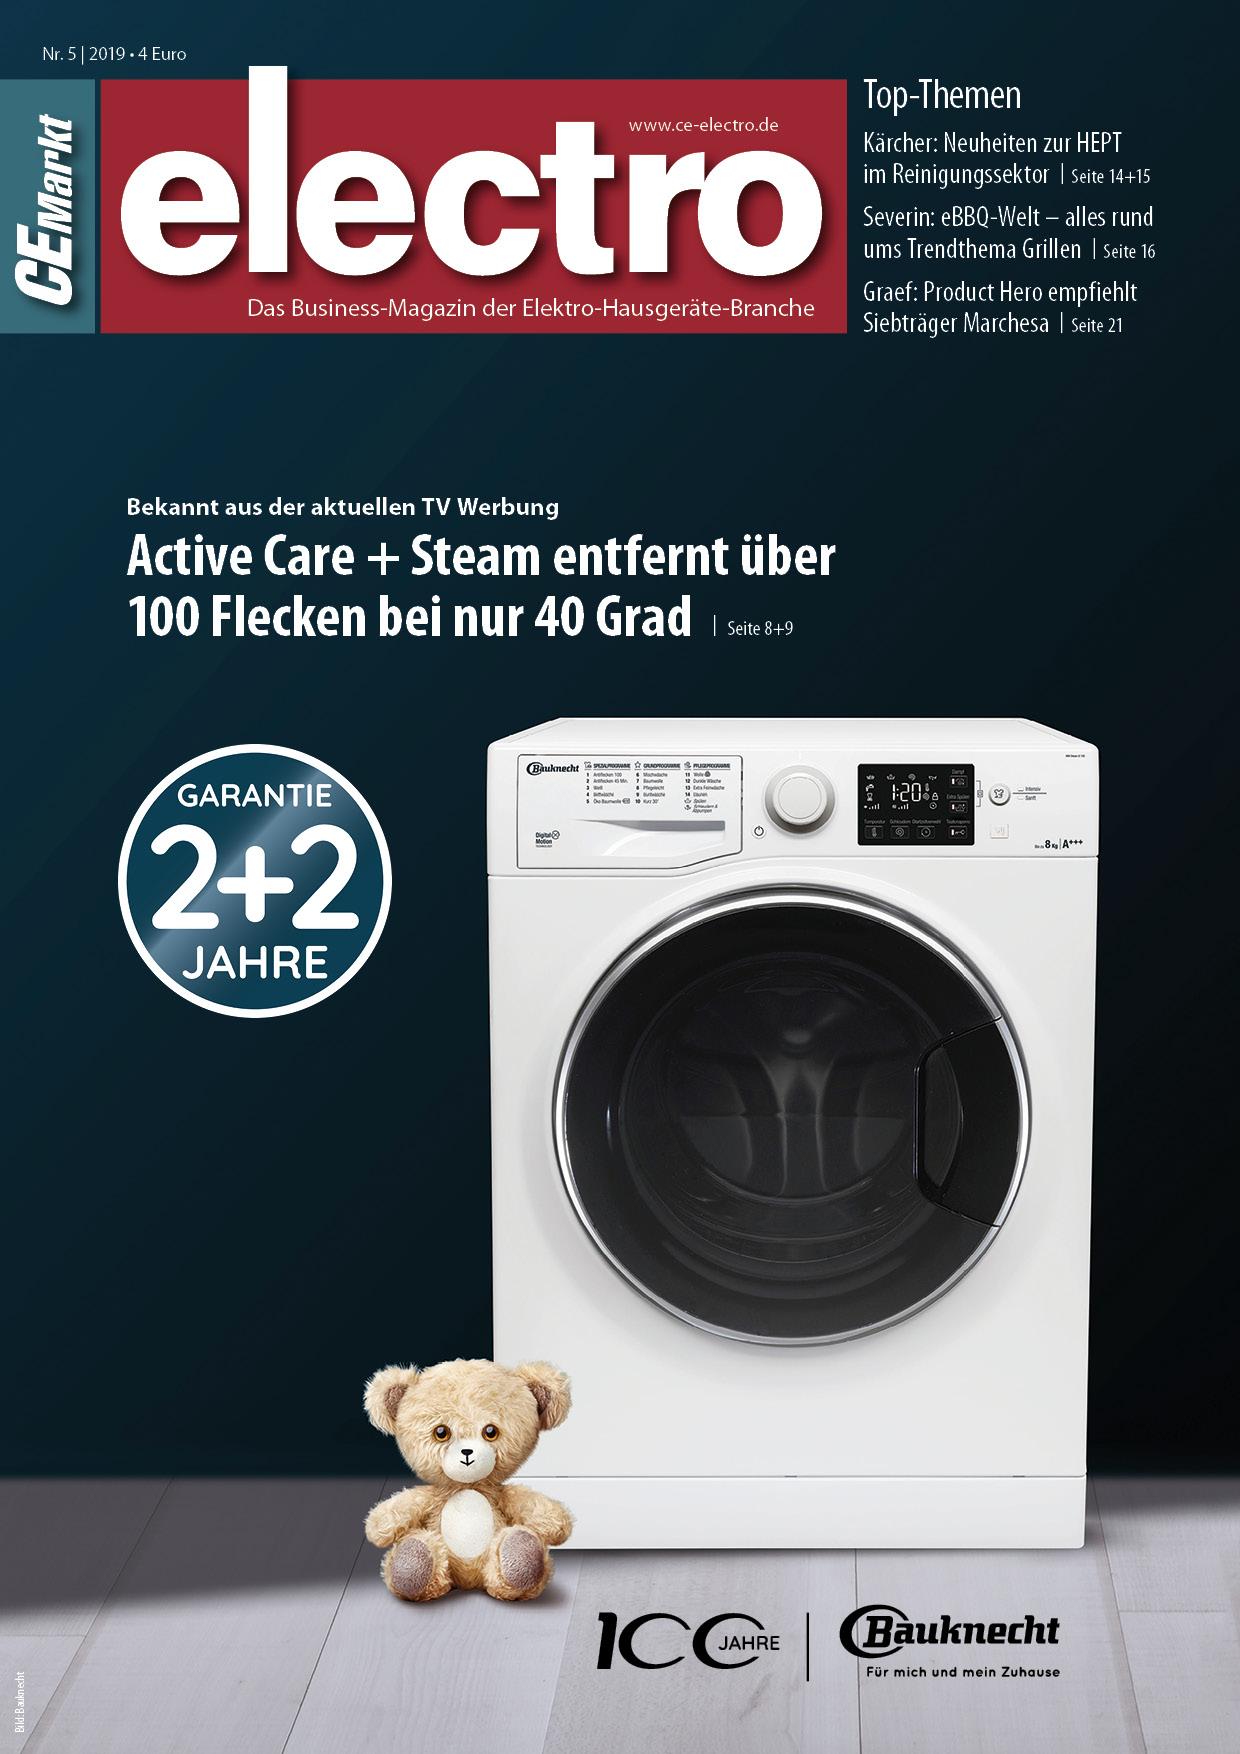 CE-Markt electro Titelseite des Hefts 5/2019.